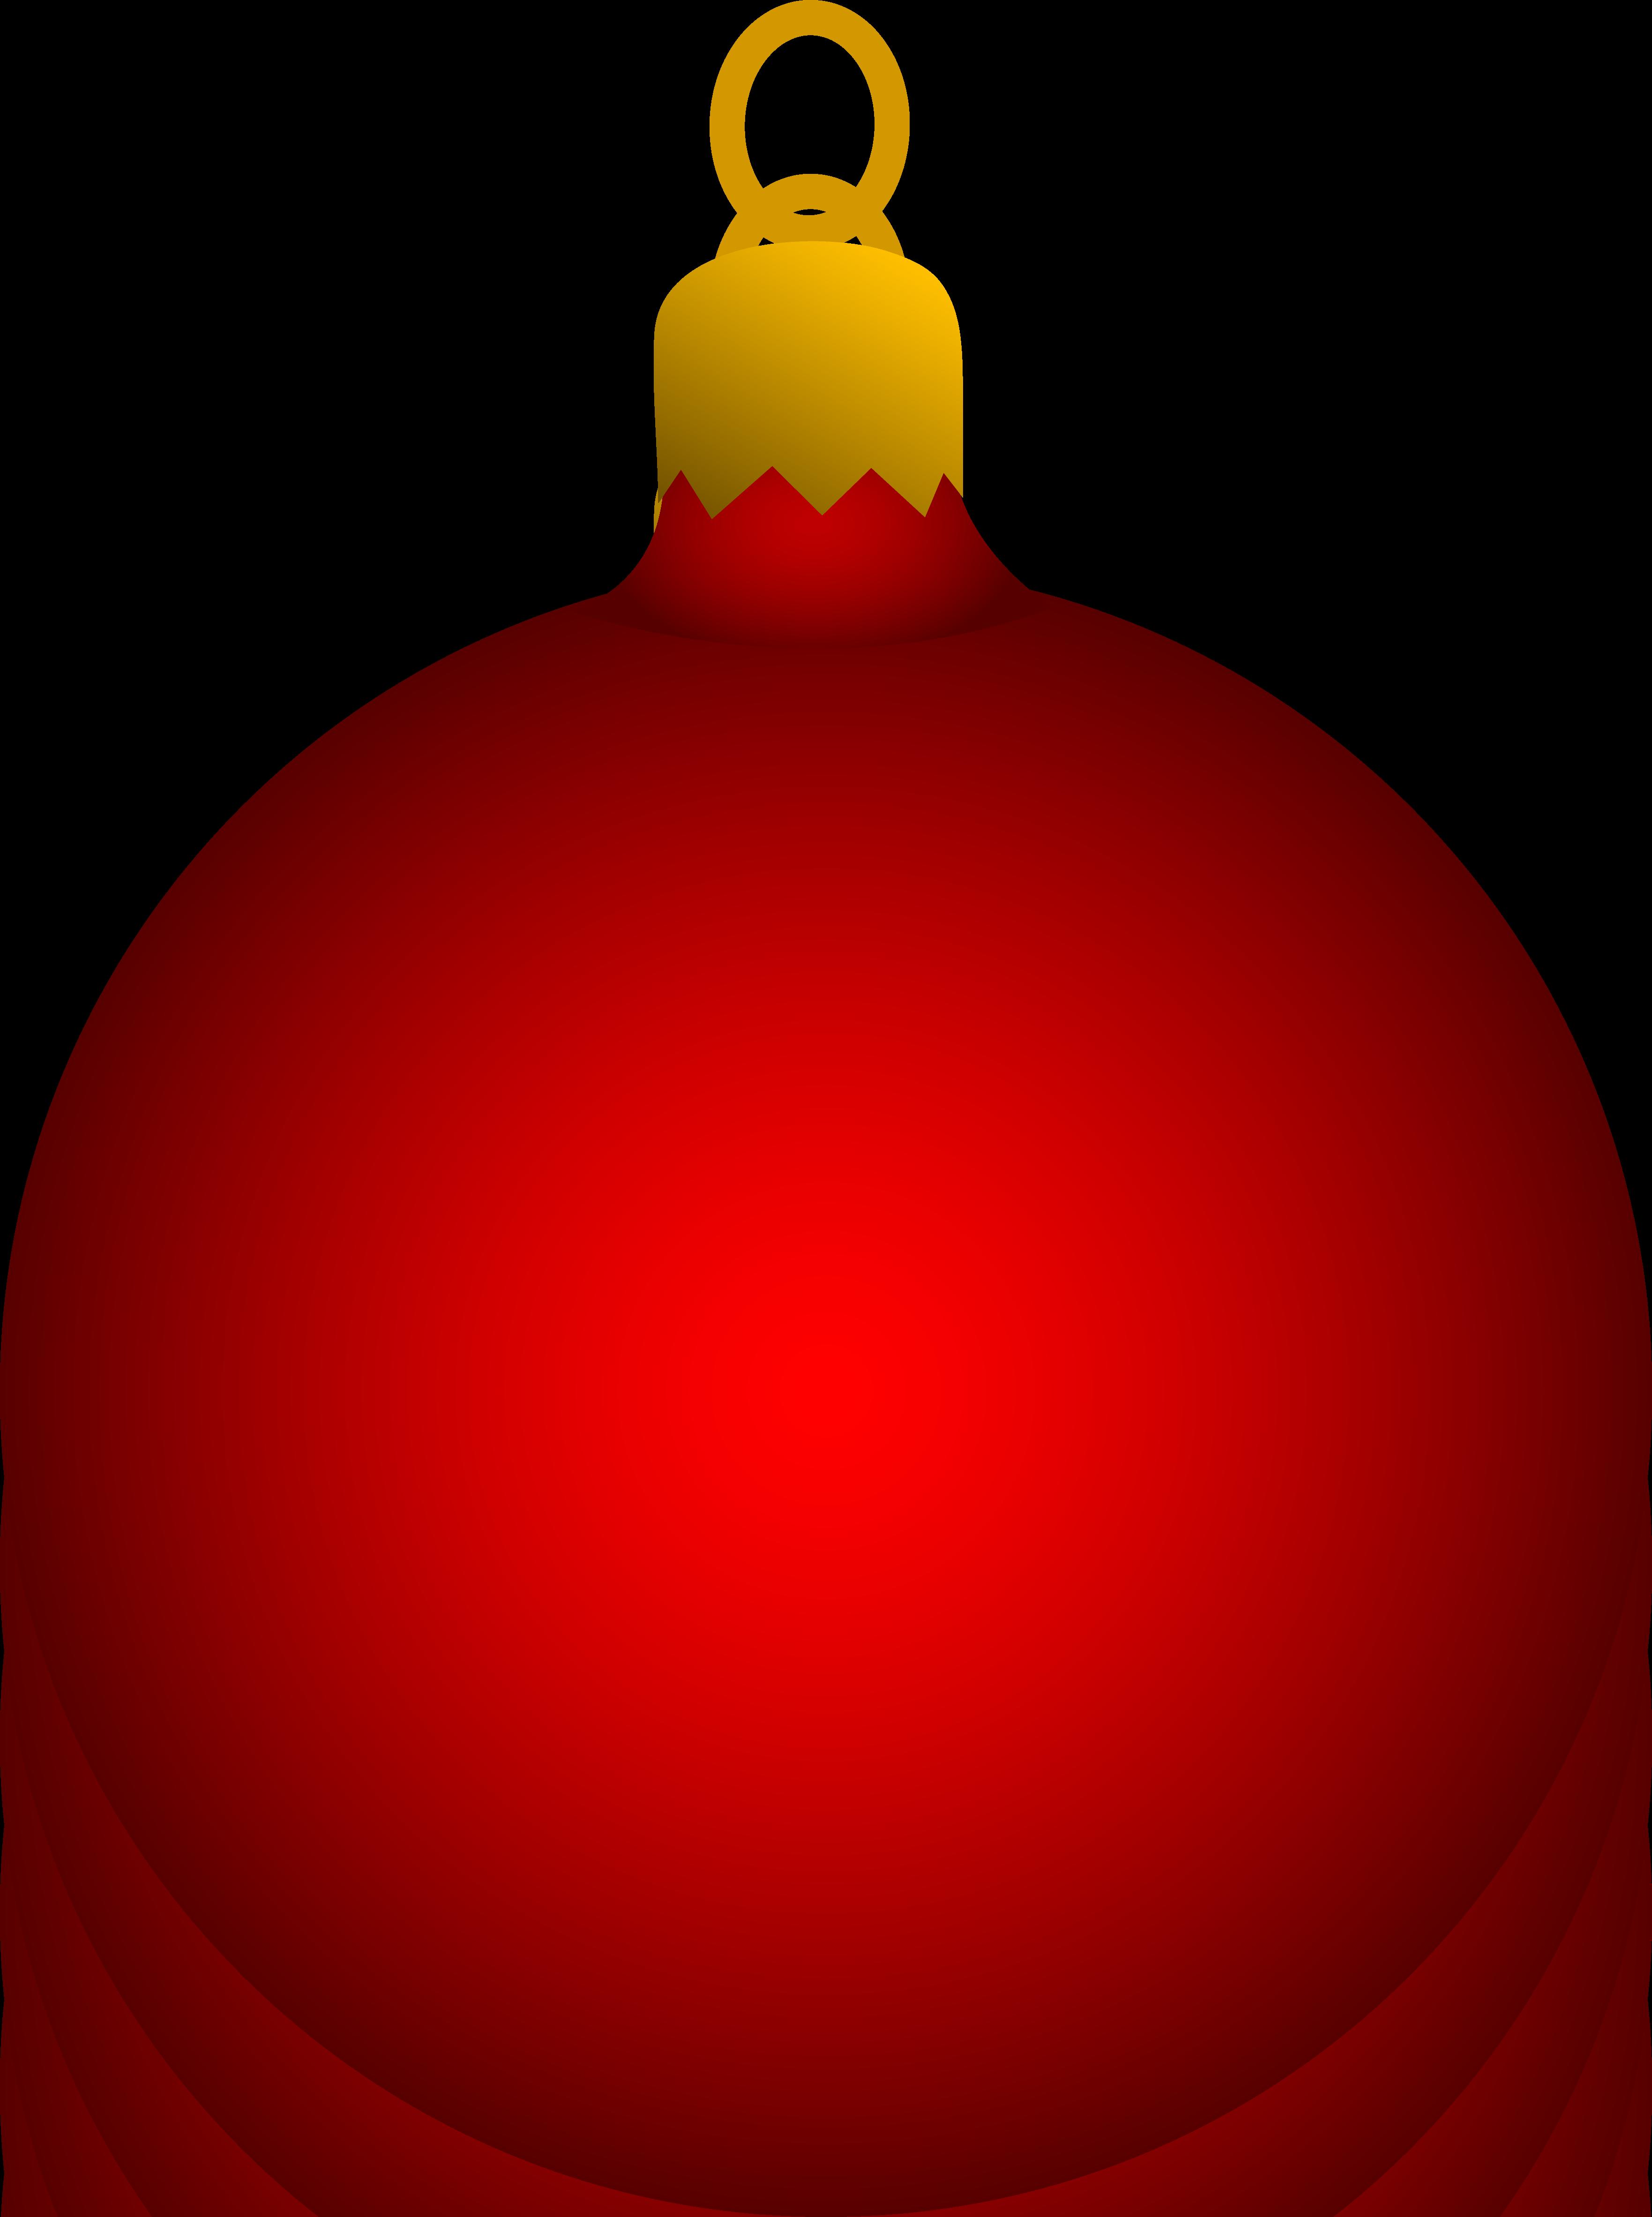 Ornament Clipart-ornament clipart-1